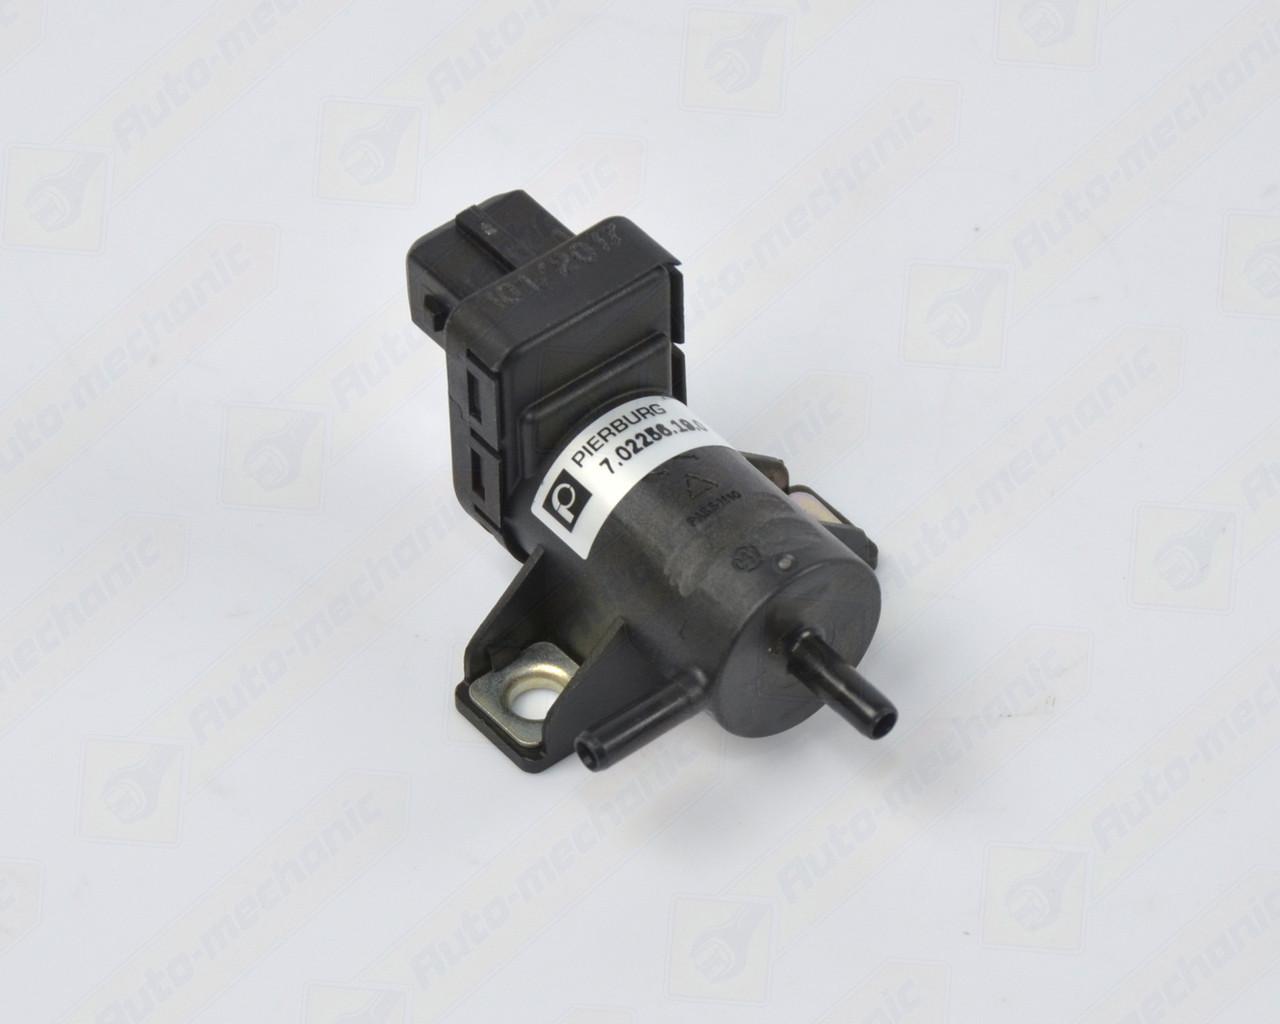 Клапан управления турбины на Renault Master II 06->2010, 2.5dCi - Pierburg (Германия) - 7.02256.19.0